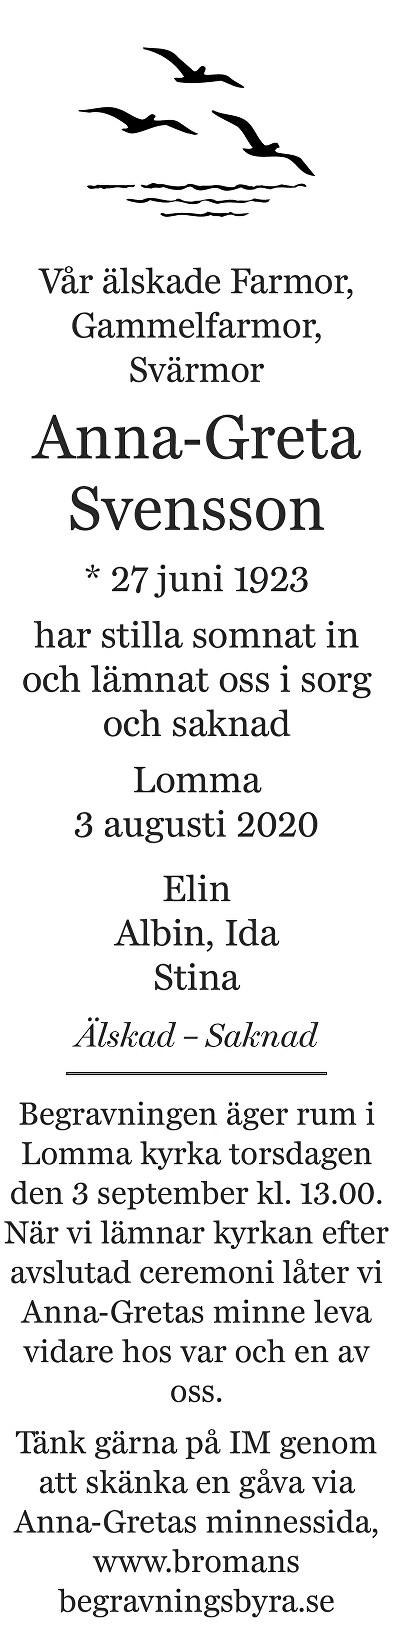 Anna-Greta Svensson Death notice